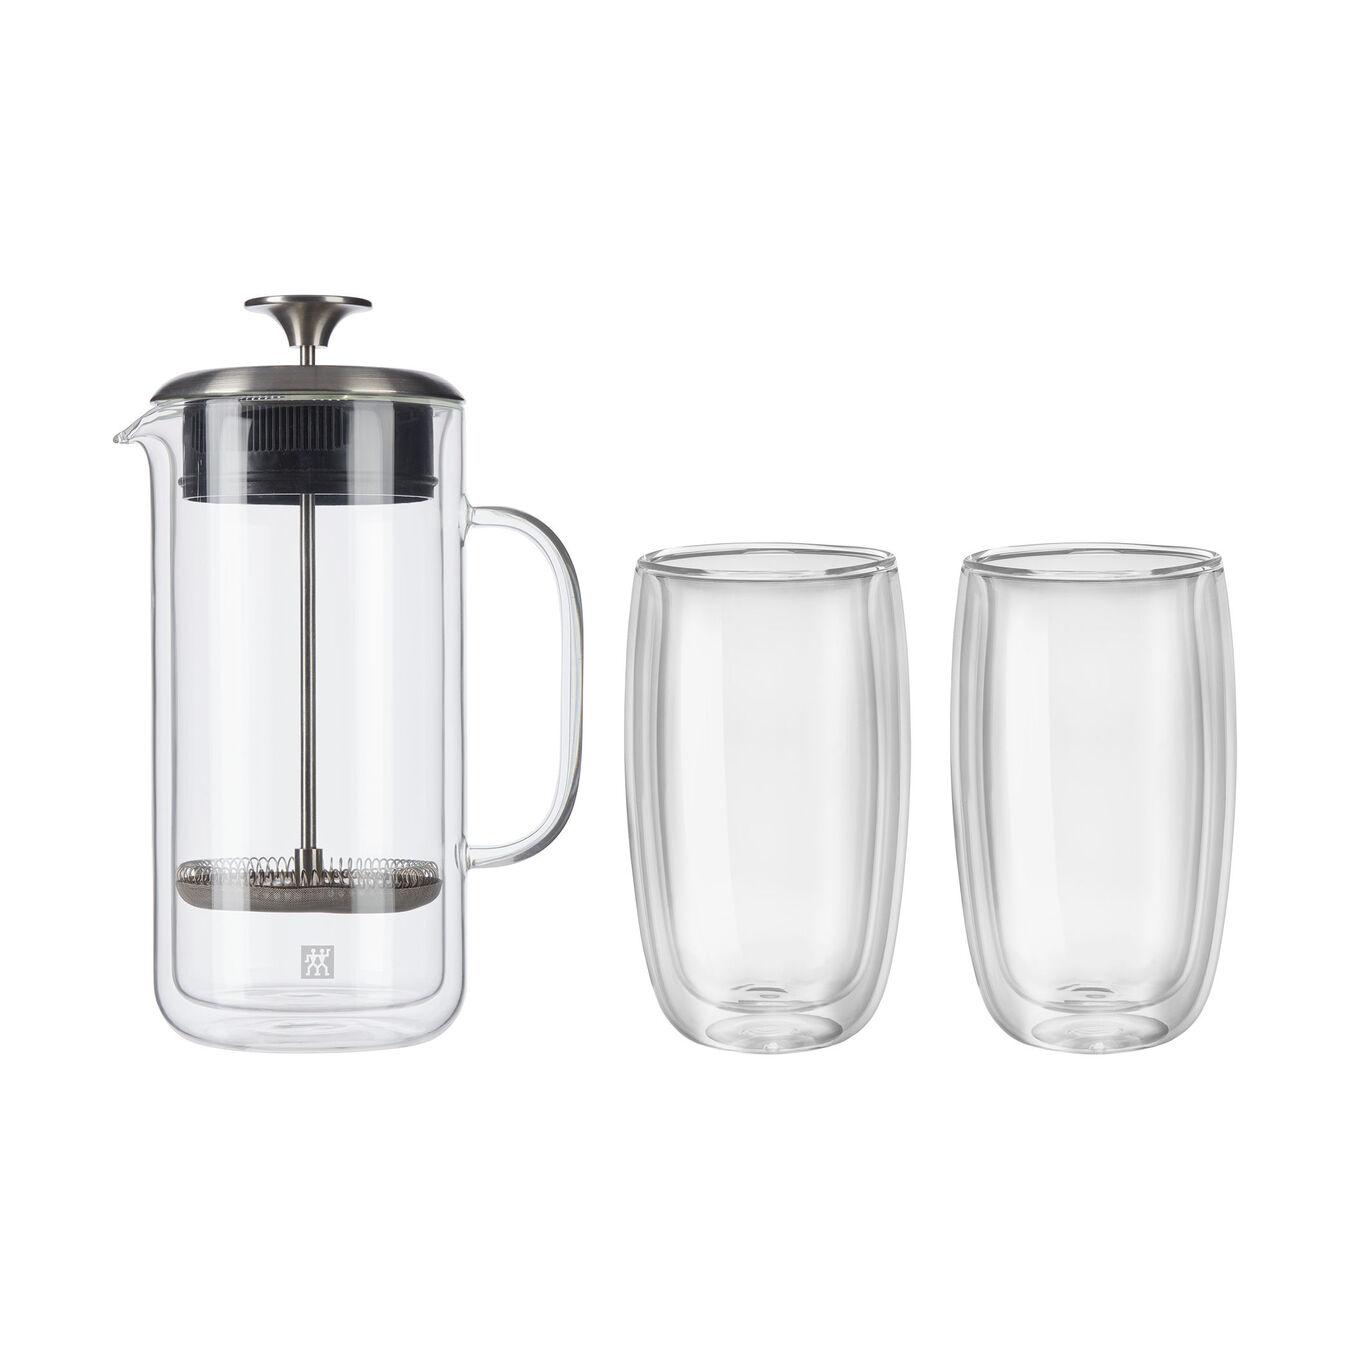 3-pc Mixed glass set,,large 1